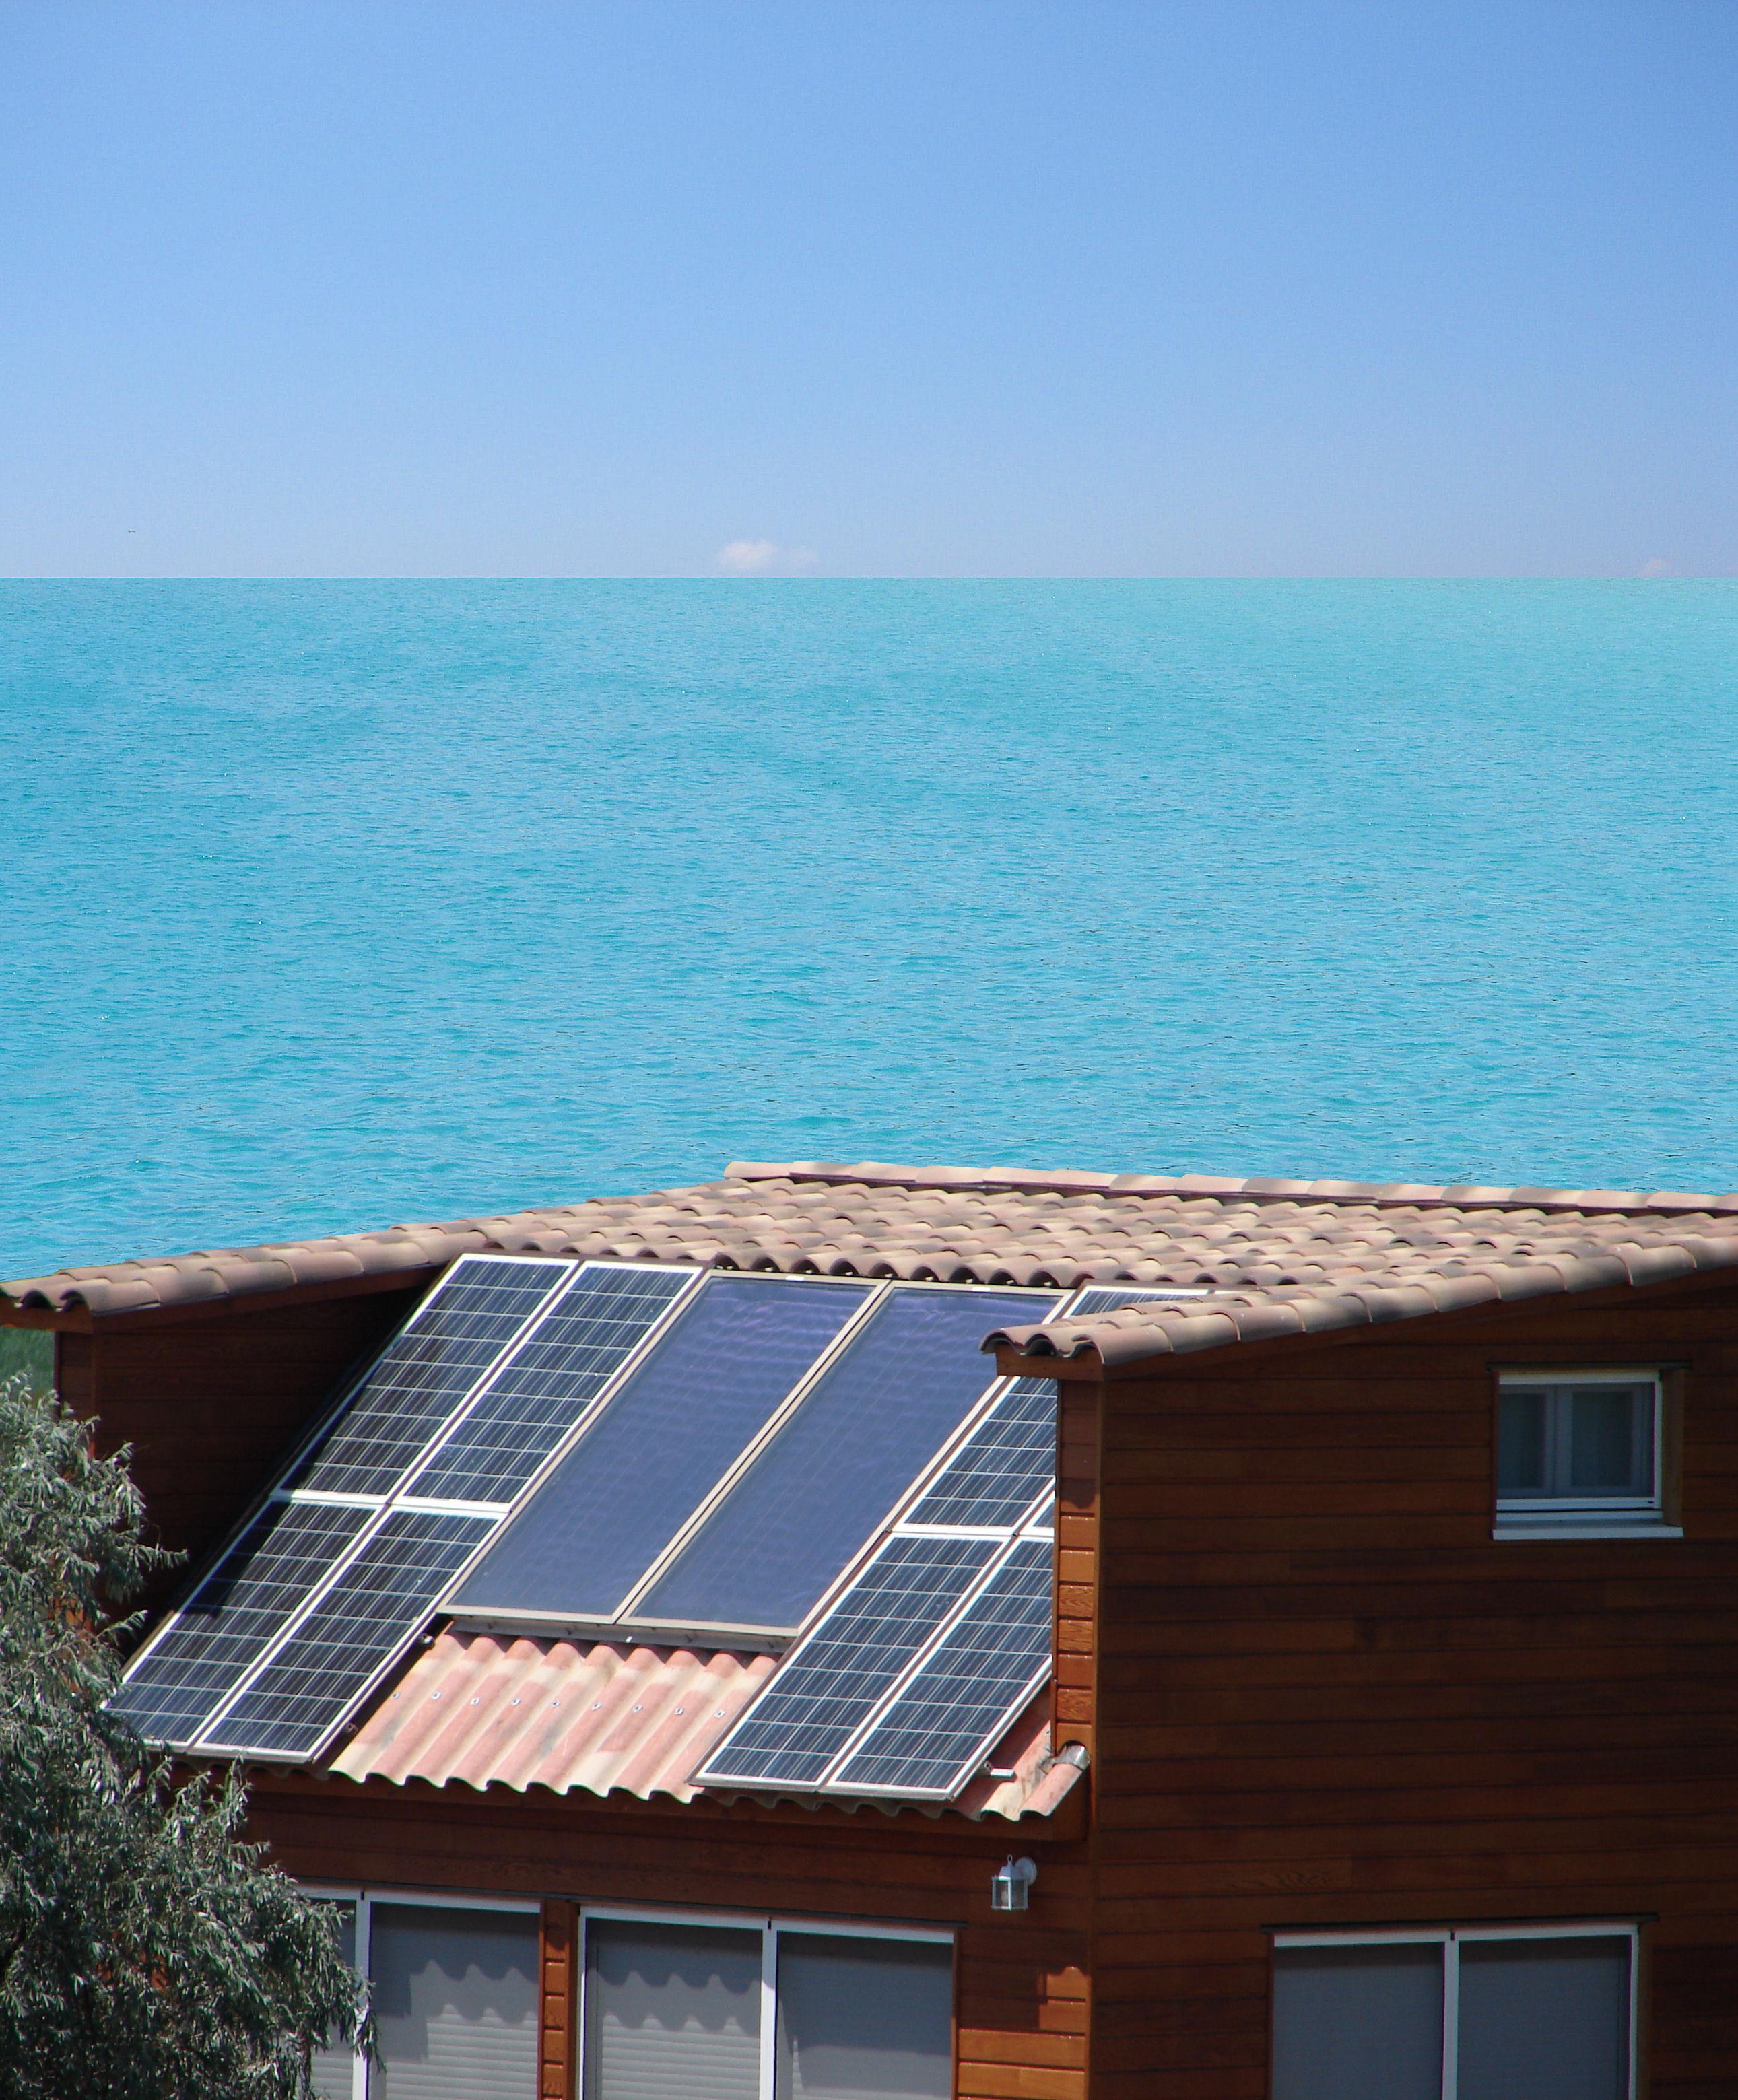 Pannelli solari page 2 for Pannelli solari solar